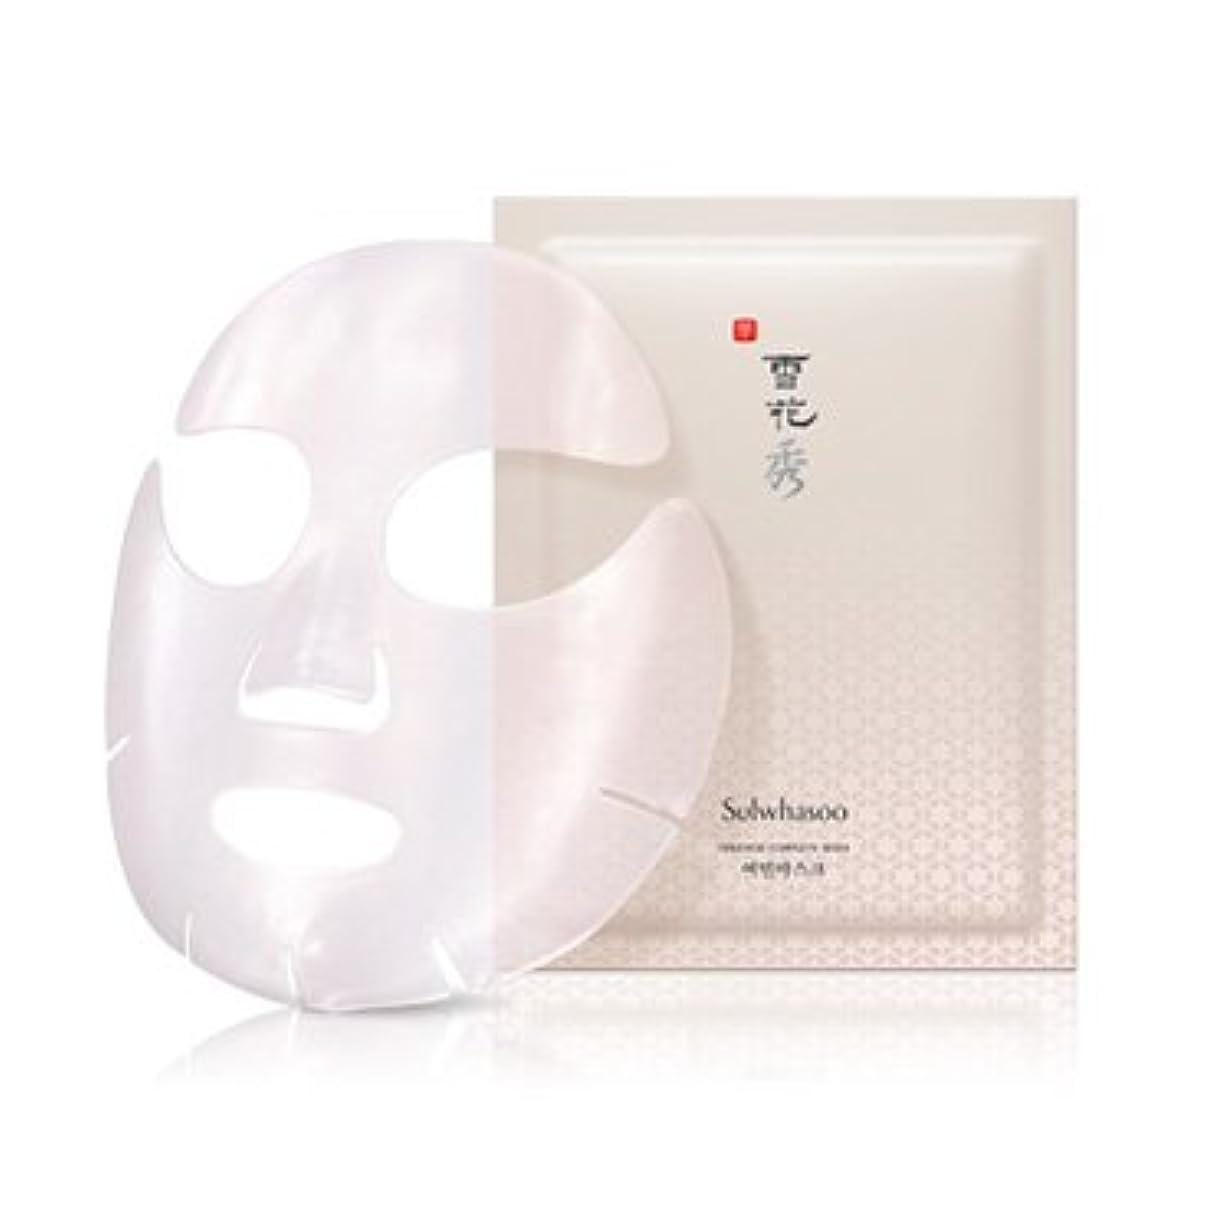 サミット発掘する大いに雪花秀(ソルファス)ヨミンマスク(Innerise Complete Mask)5枚入